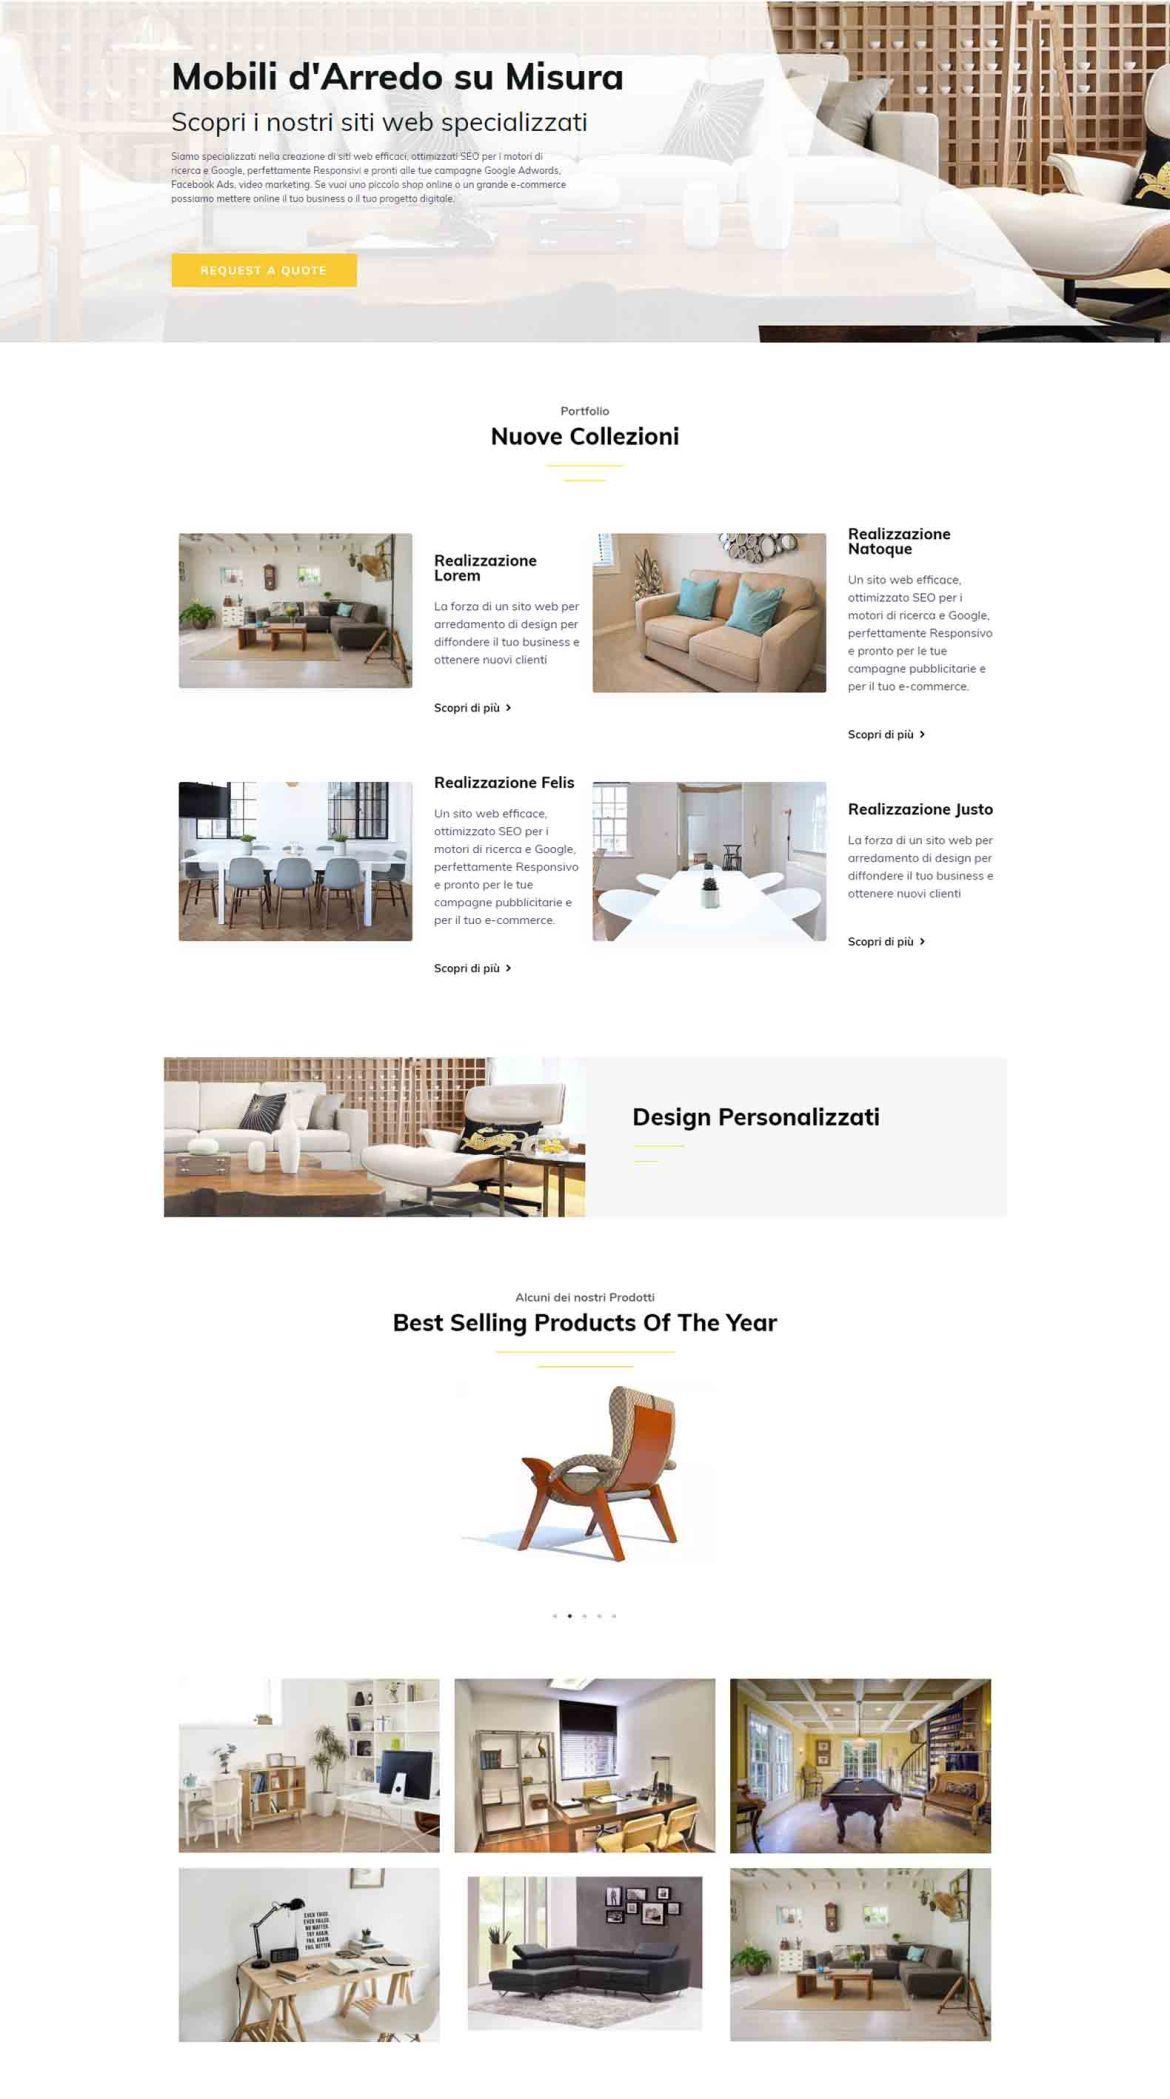 Arredamento di Design Soluzioni Digitali Online Sito Web Creare Realizzare siti Web SEO efficace Marketing Responsivo Srv1